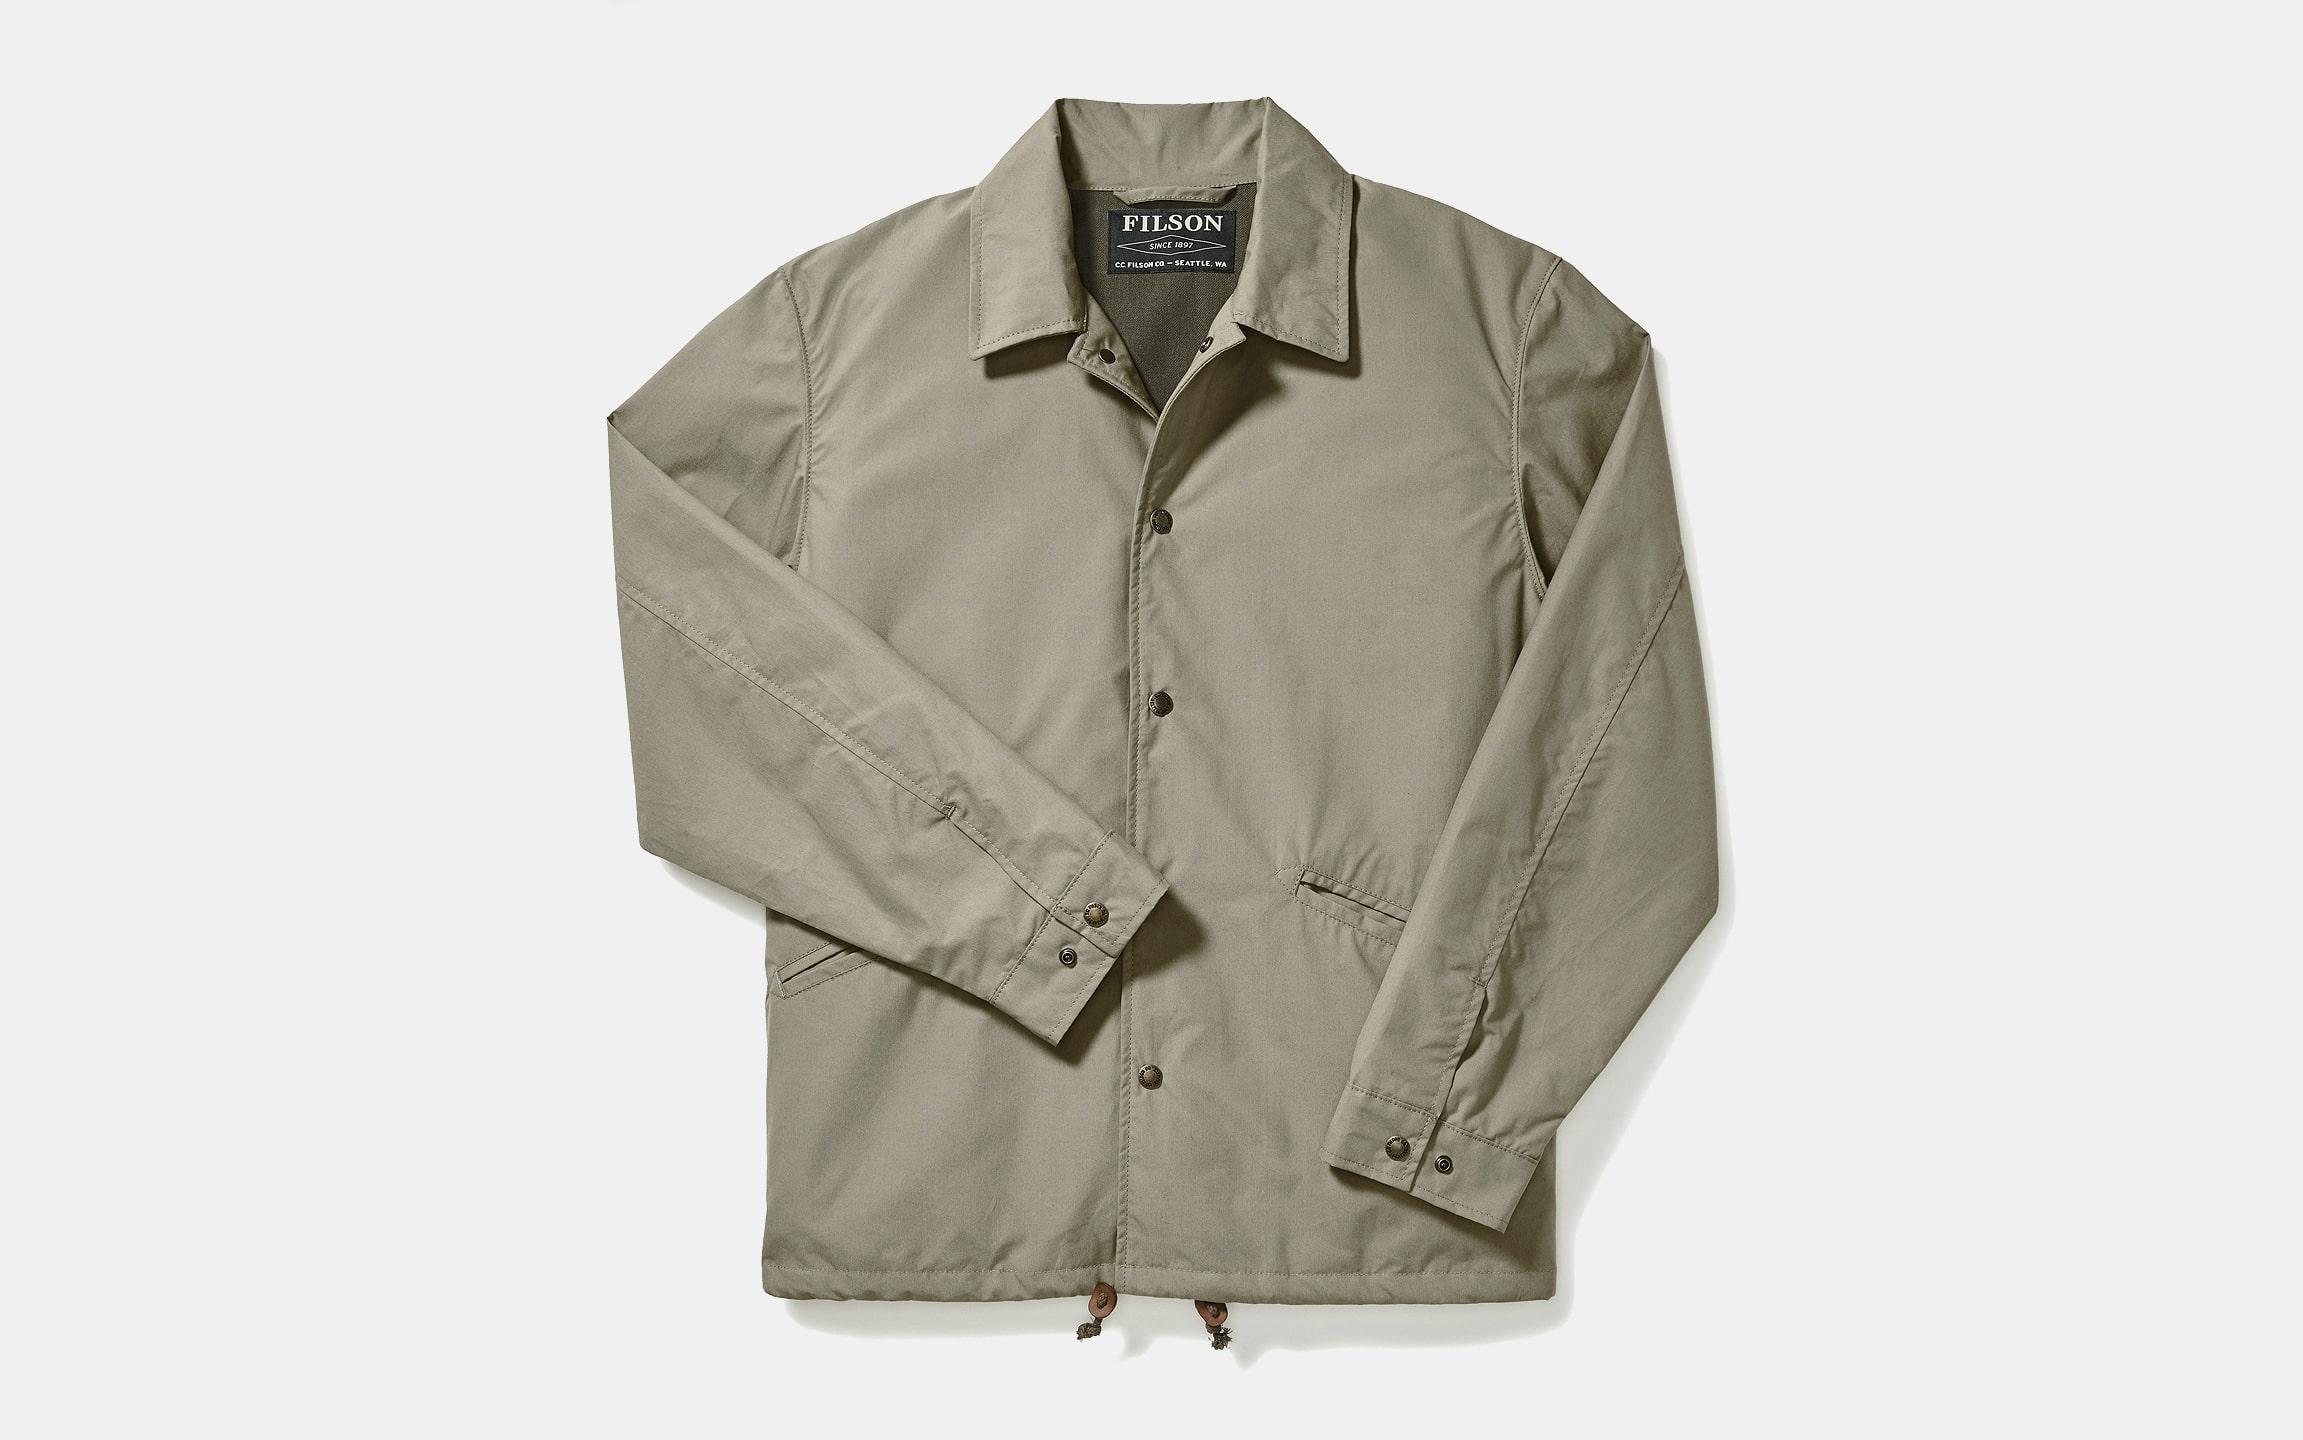 Filson Three Season Supply Jacket